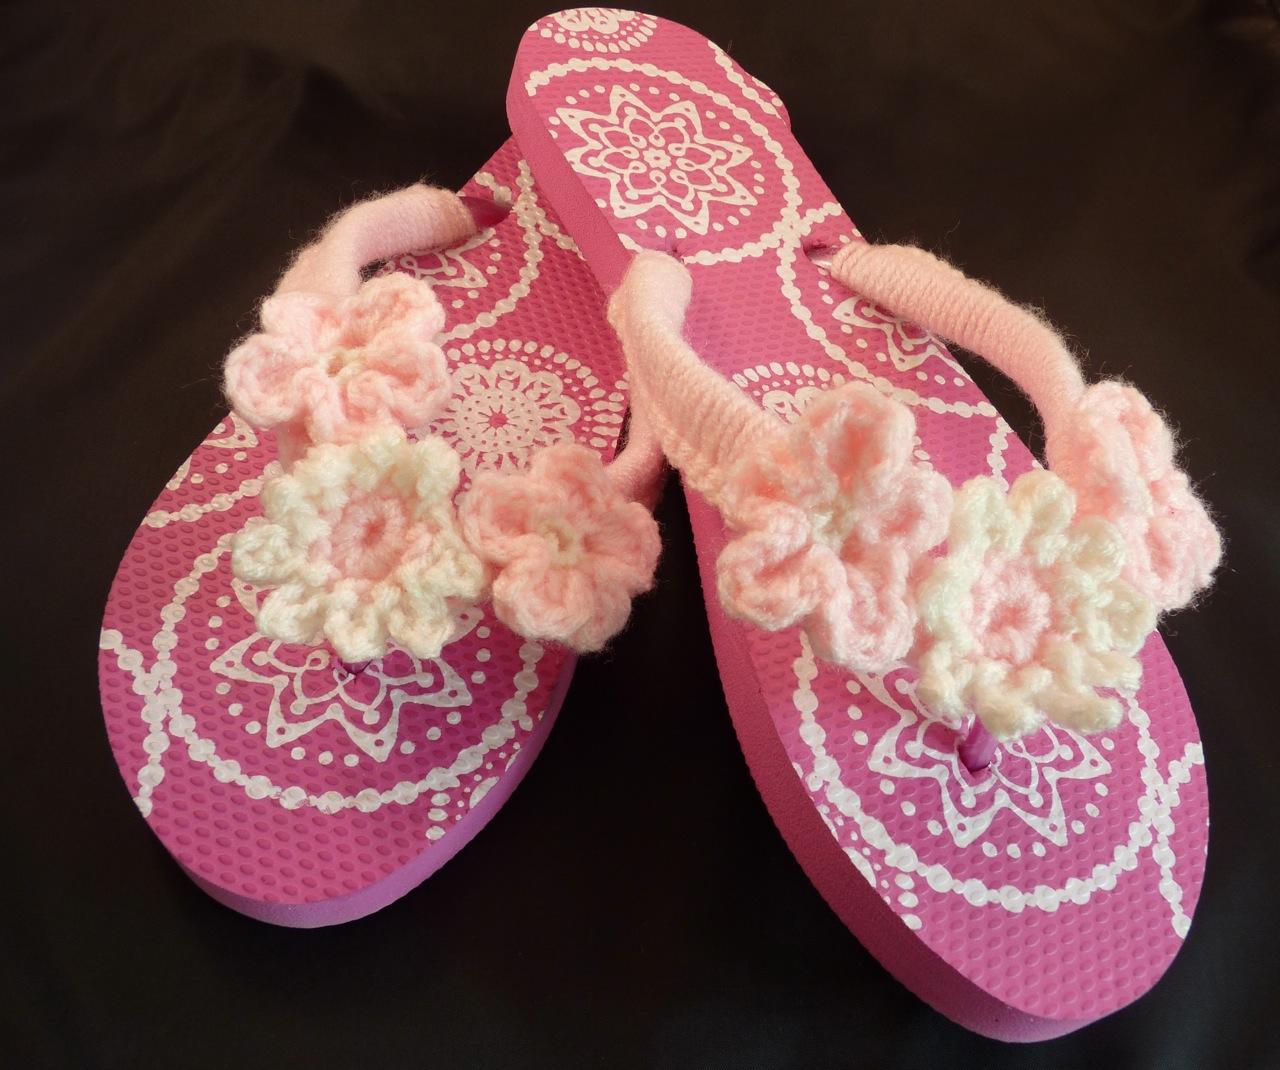 Crochet Flip Flops : Crochet-Embellished Flip Flops Bake with Jill